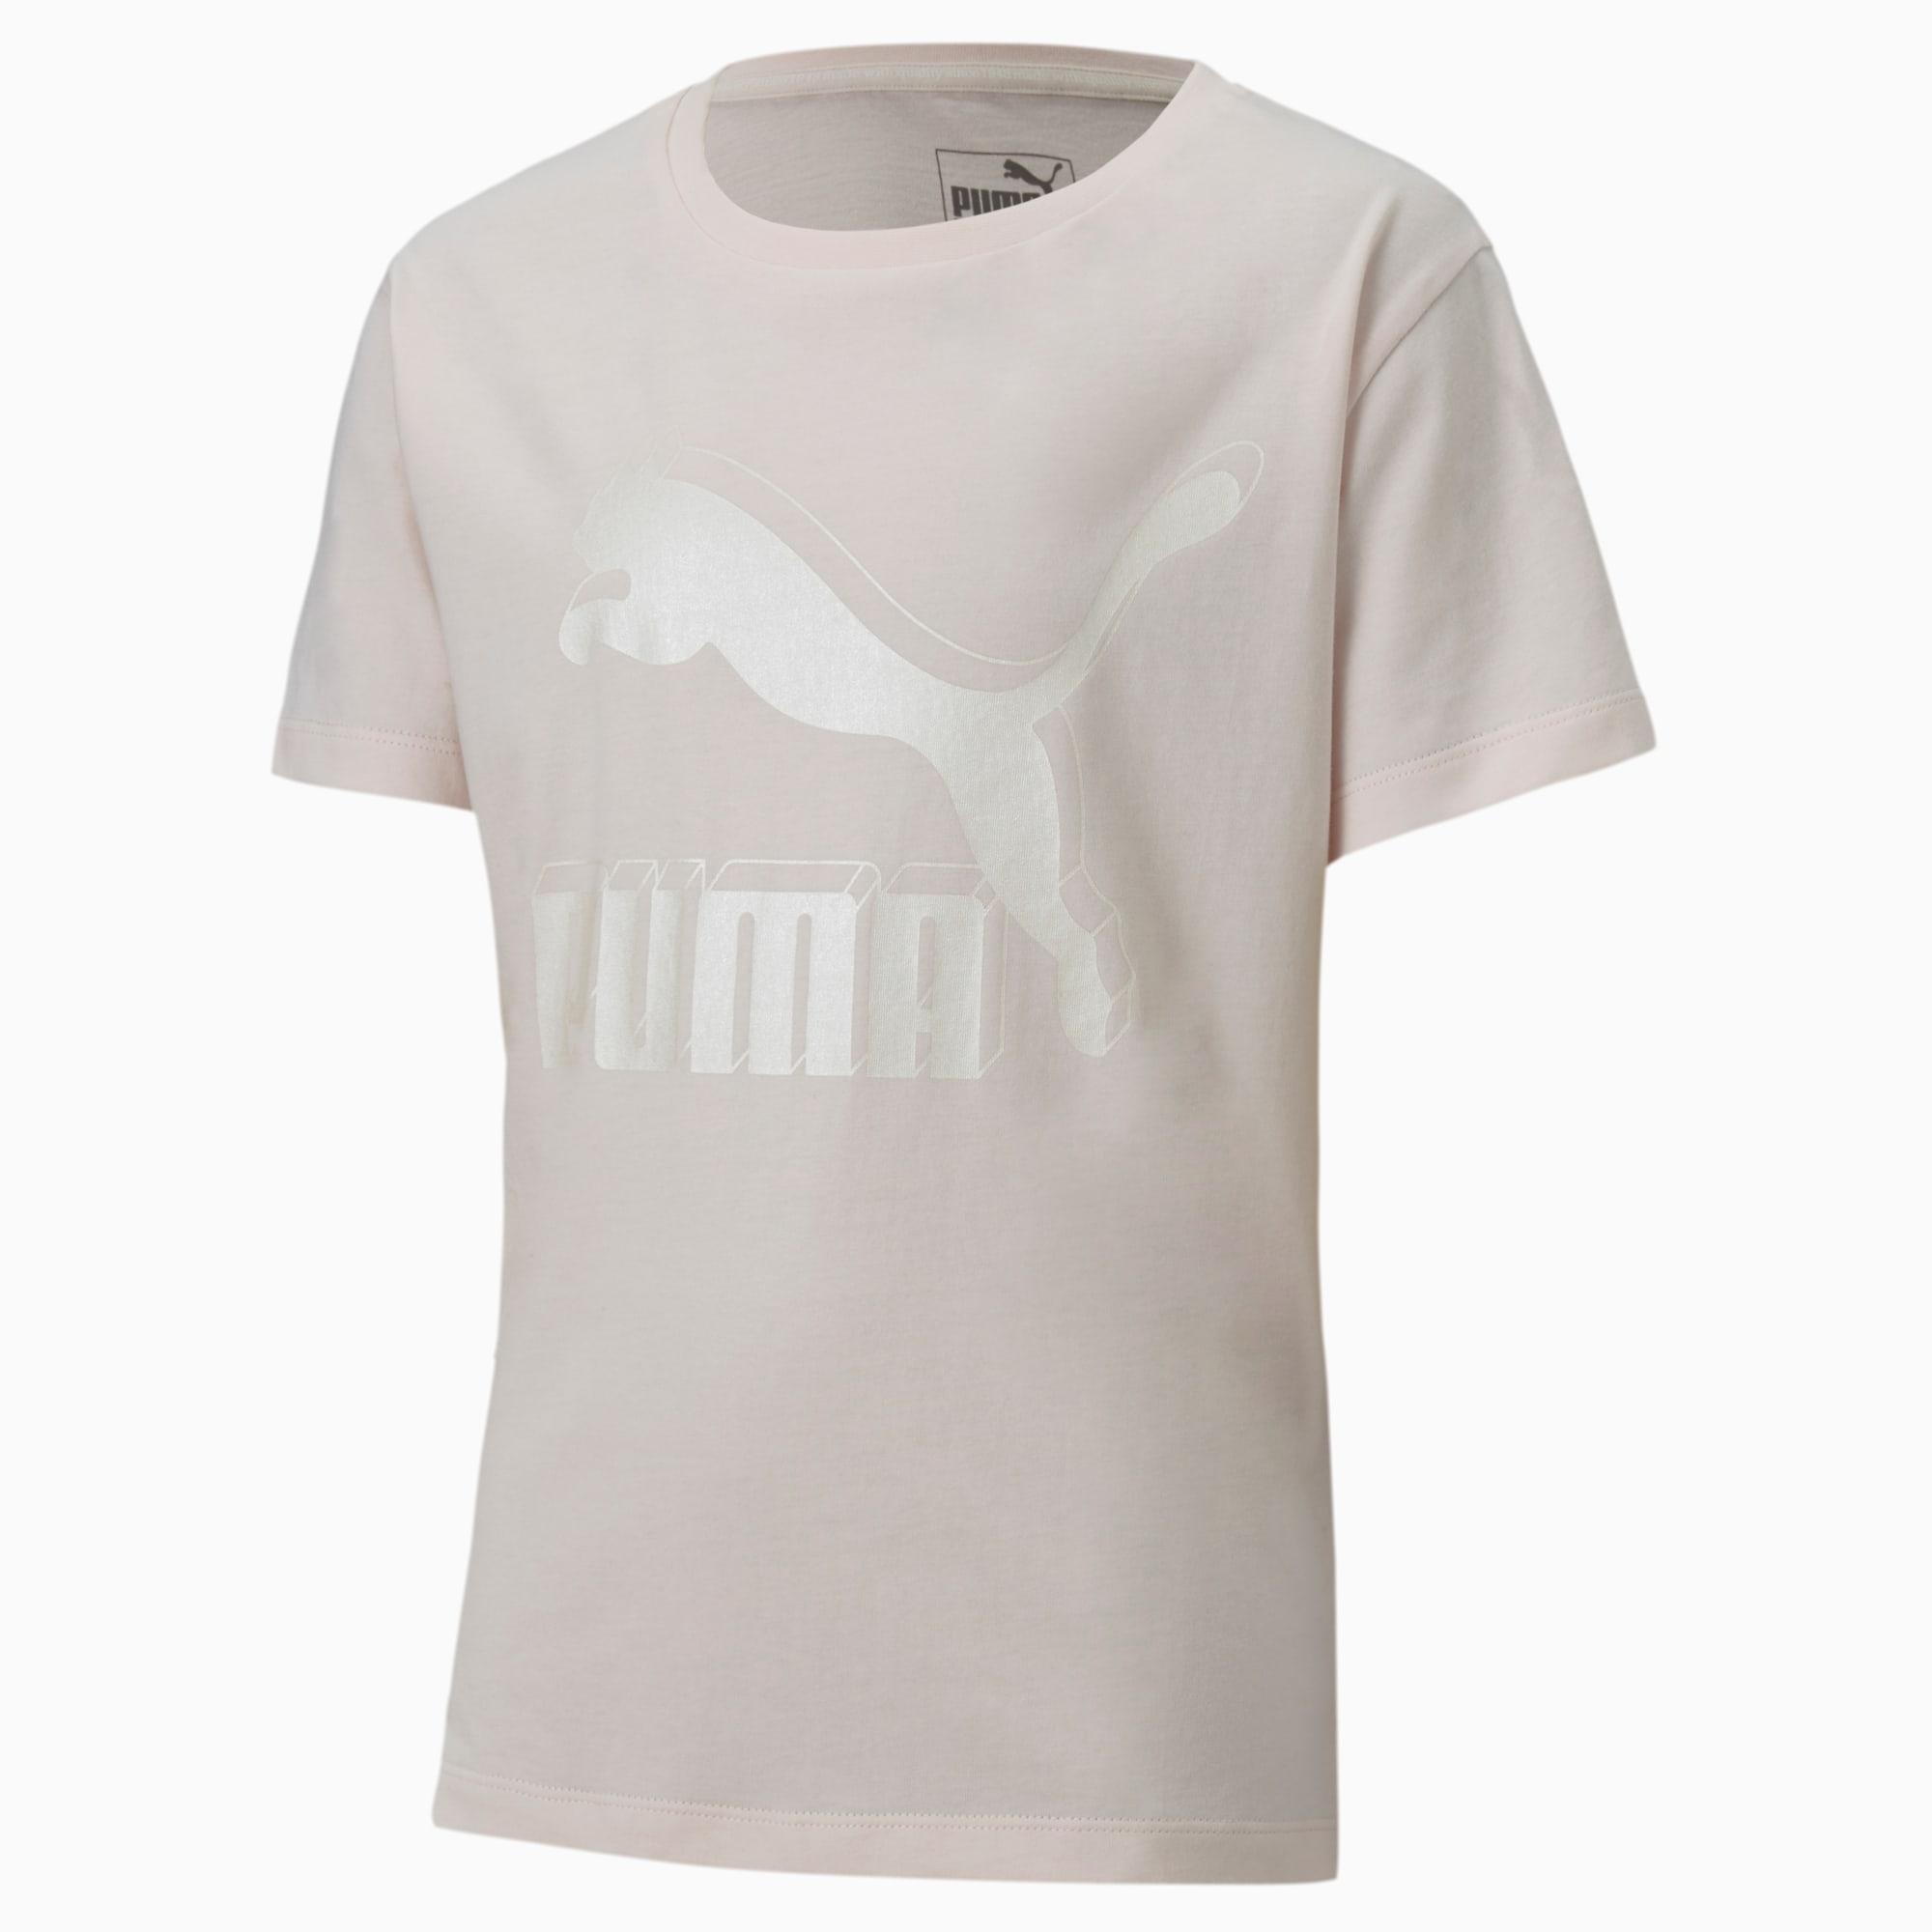 PUMA T-Shirt Classics Graphic pour fille, Rose, Taille 110, Vêtements